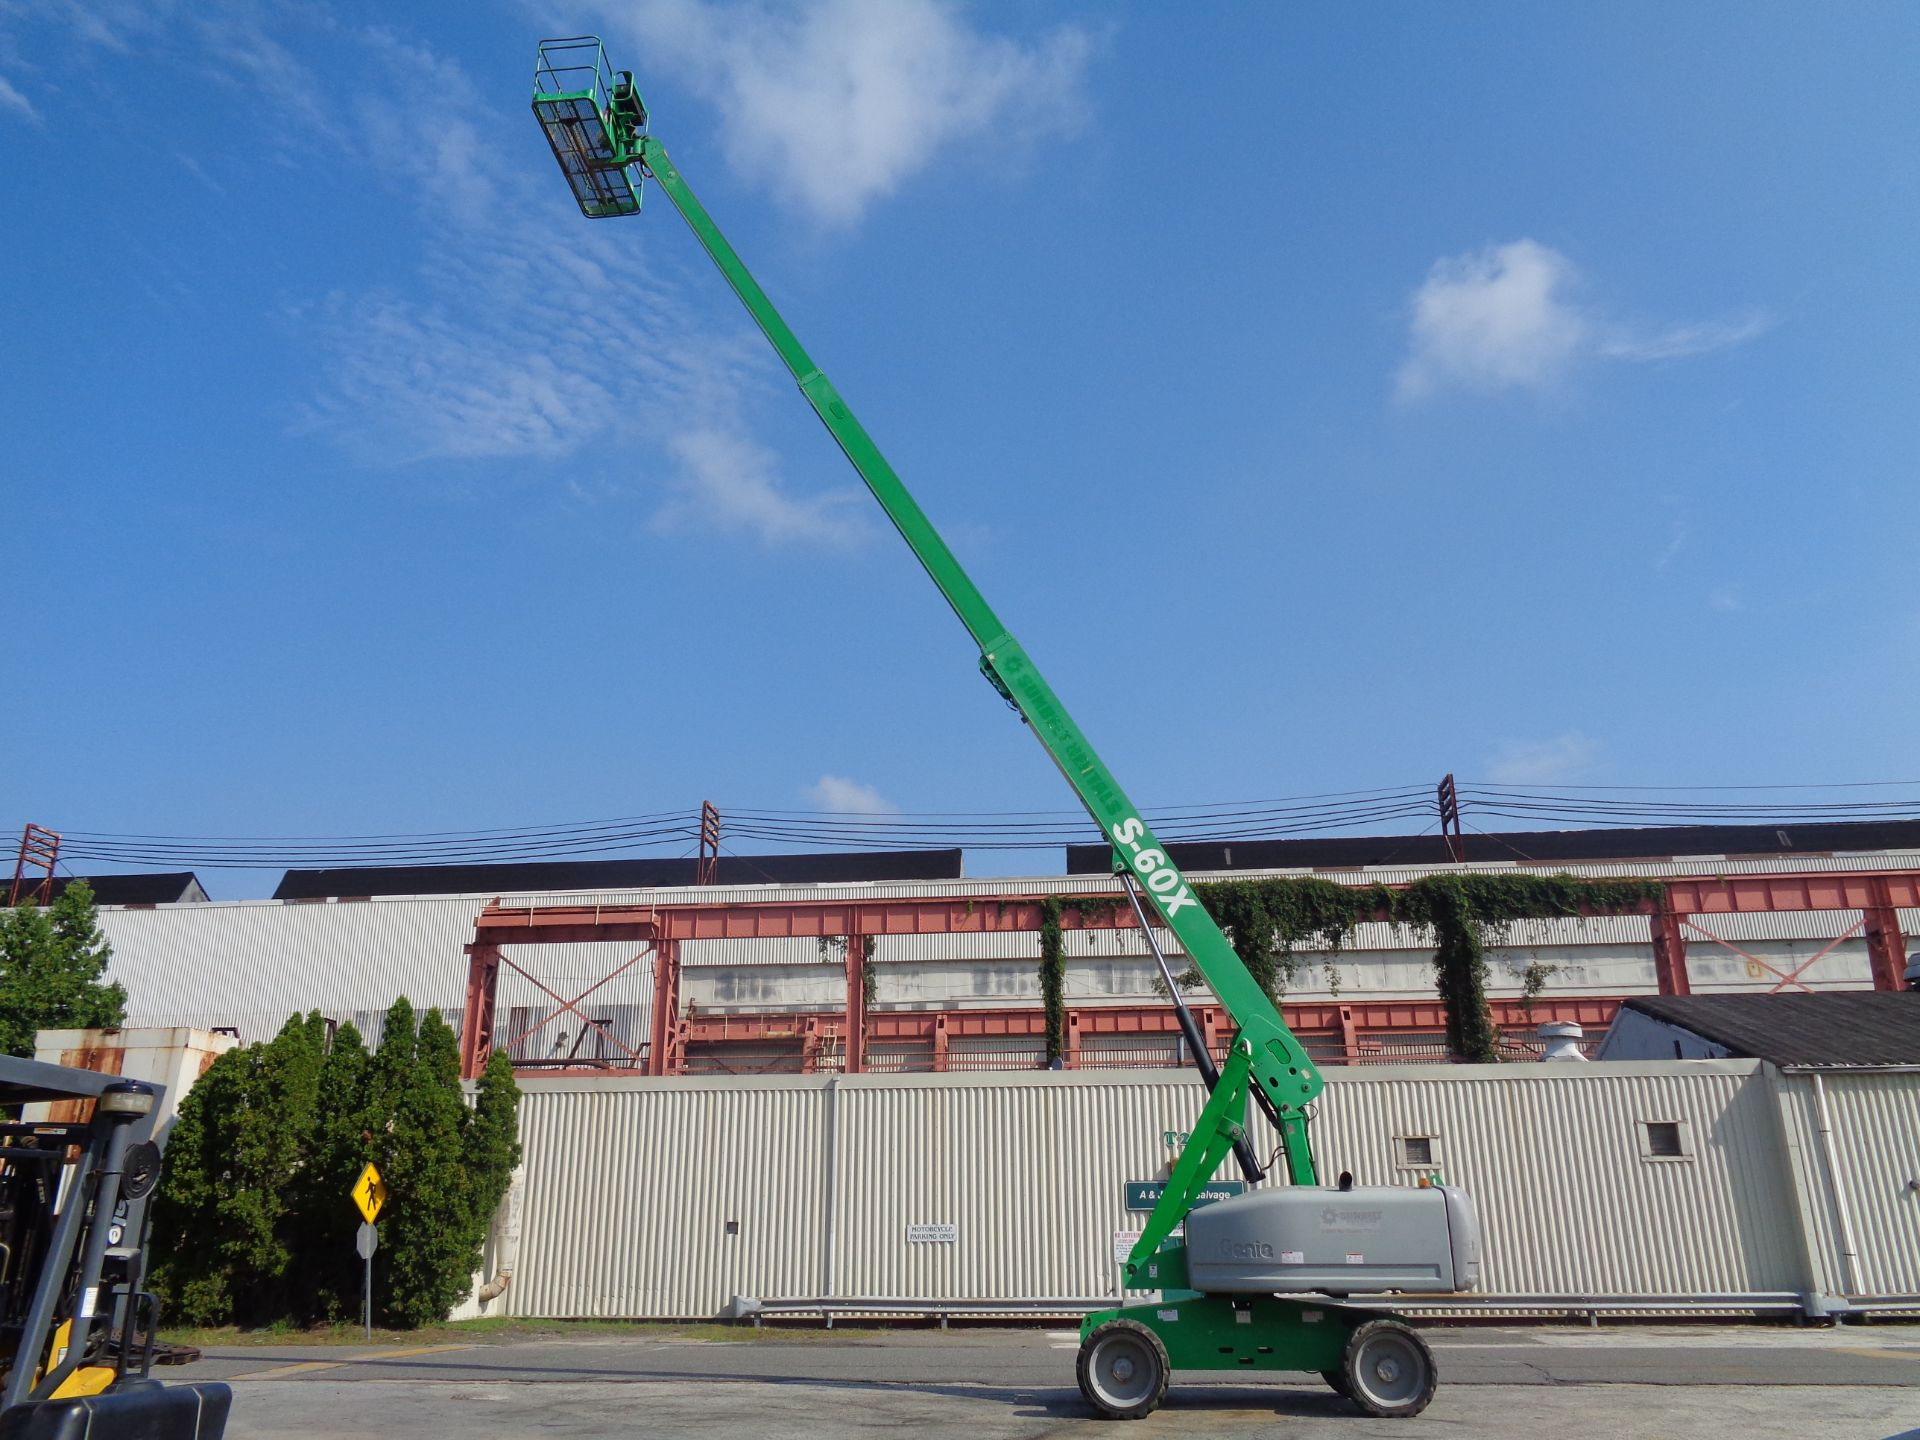 Lot 49 - 2011 Genie S60 60ft 4x4 Boom Lift